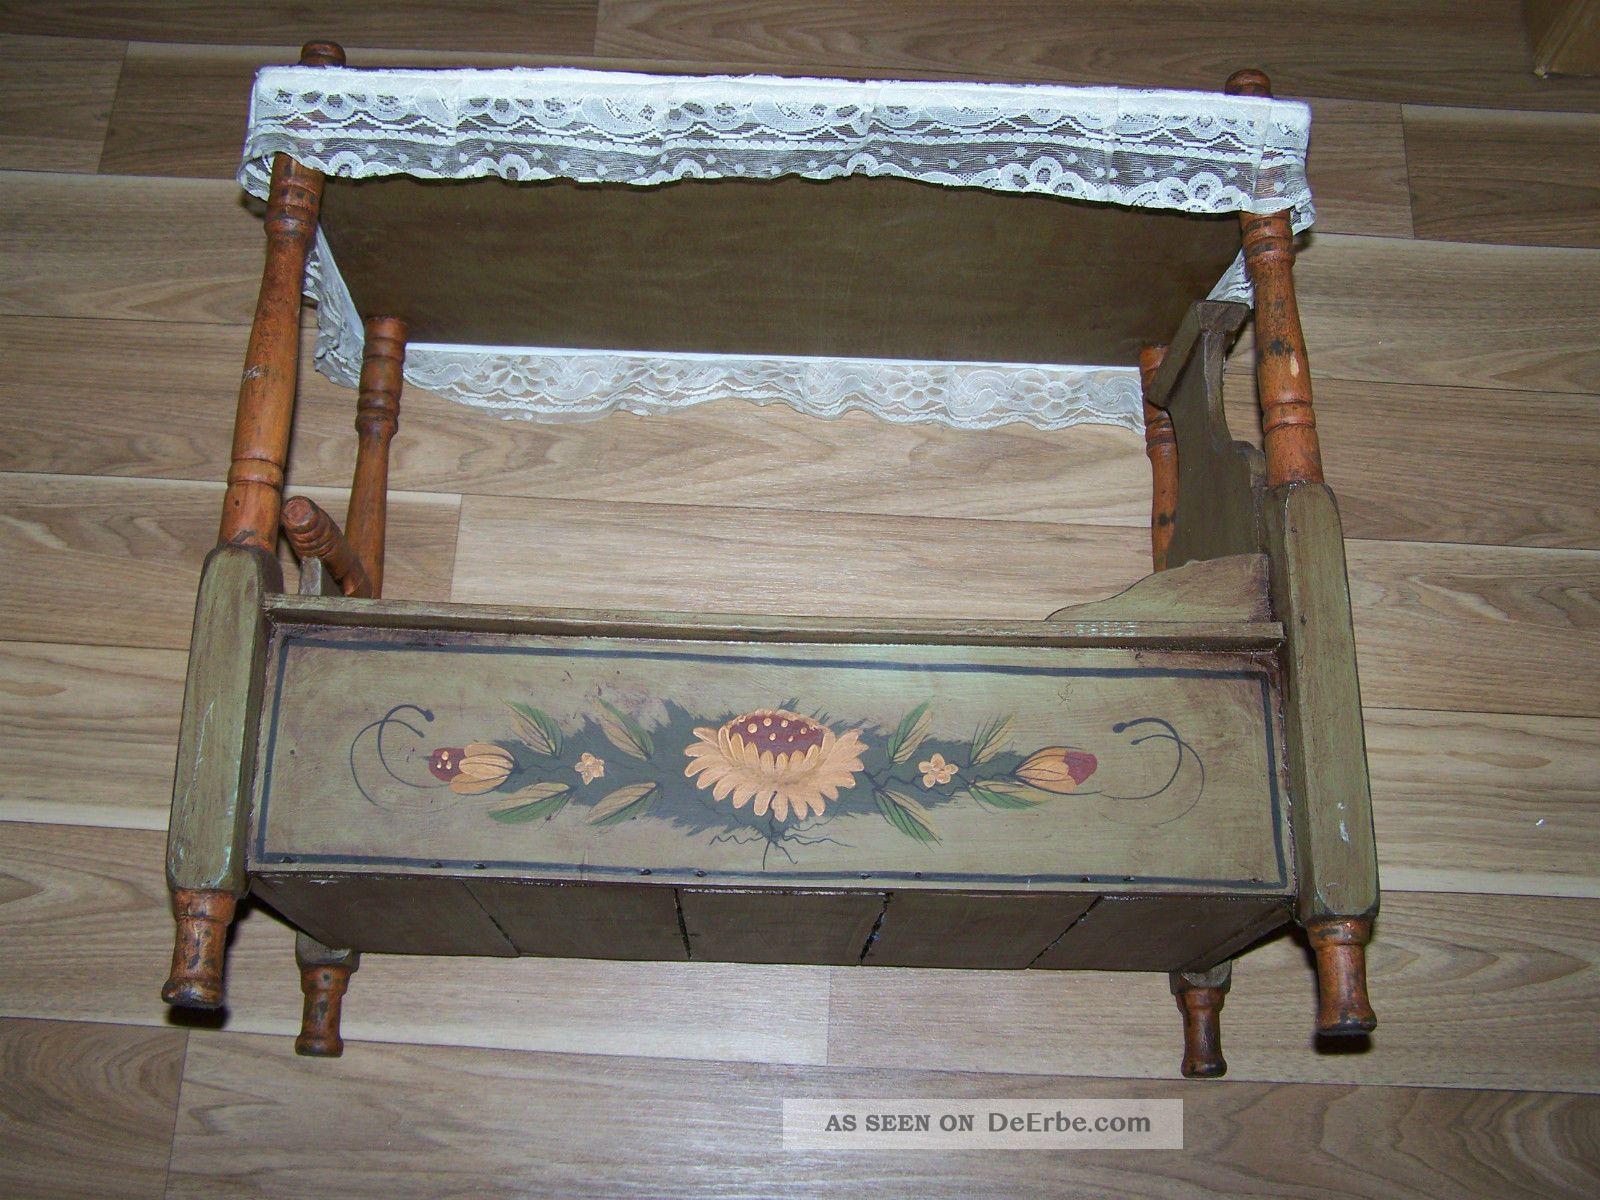 altes puppenbett hochbett aus holz mit bauermalerei. Black Bedroom Furniture Sets. Home Design Ideas